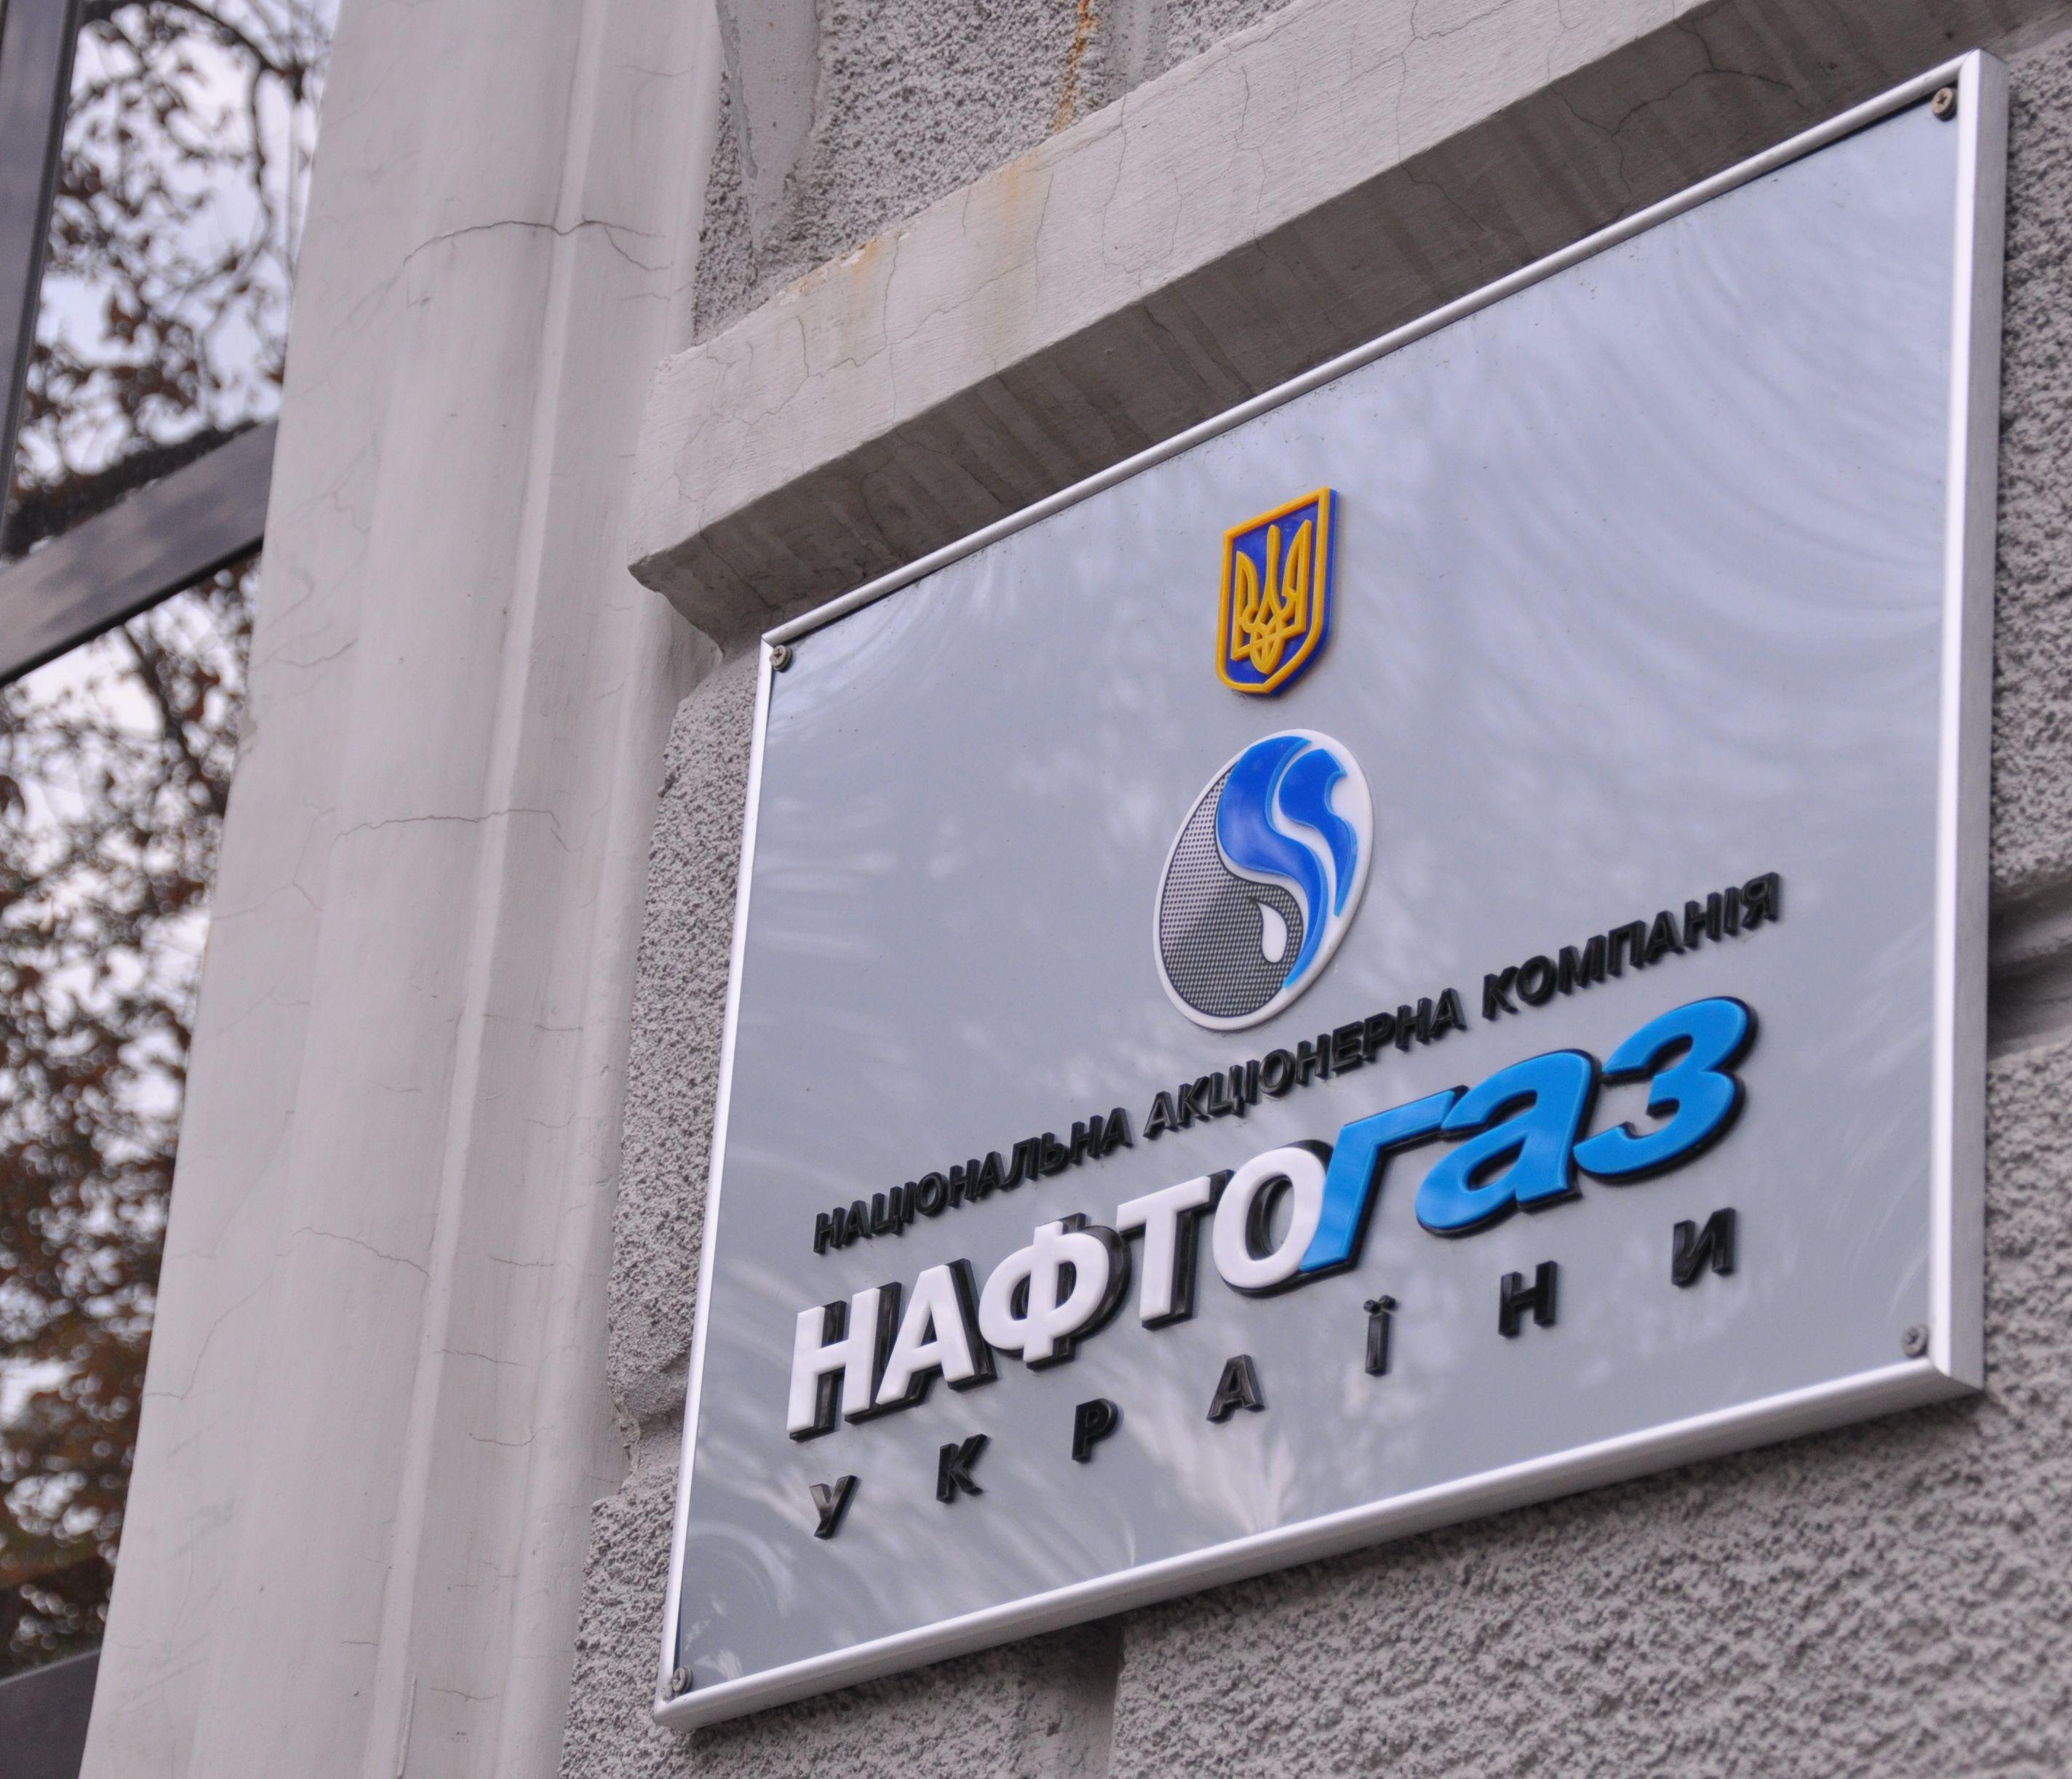 Нафтогаз проинформировал о понижении потребления газа вУкраинском государстве - Инфографика